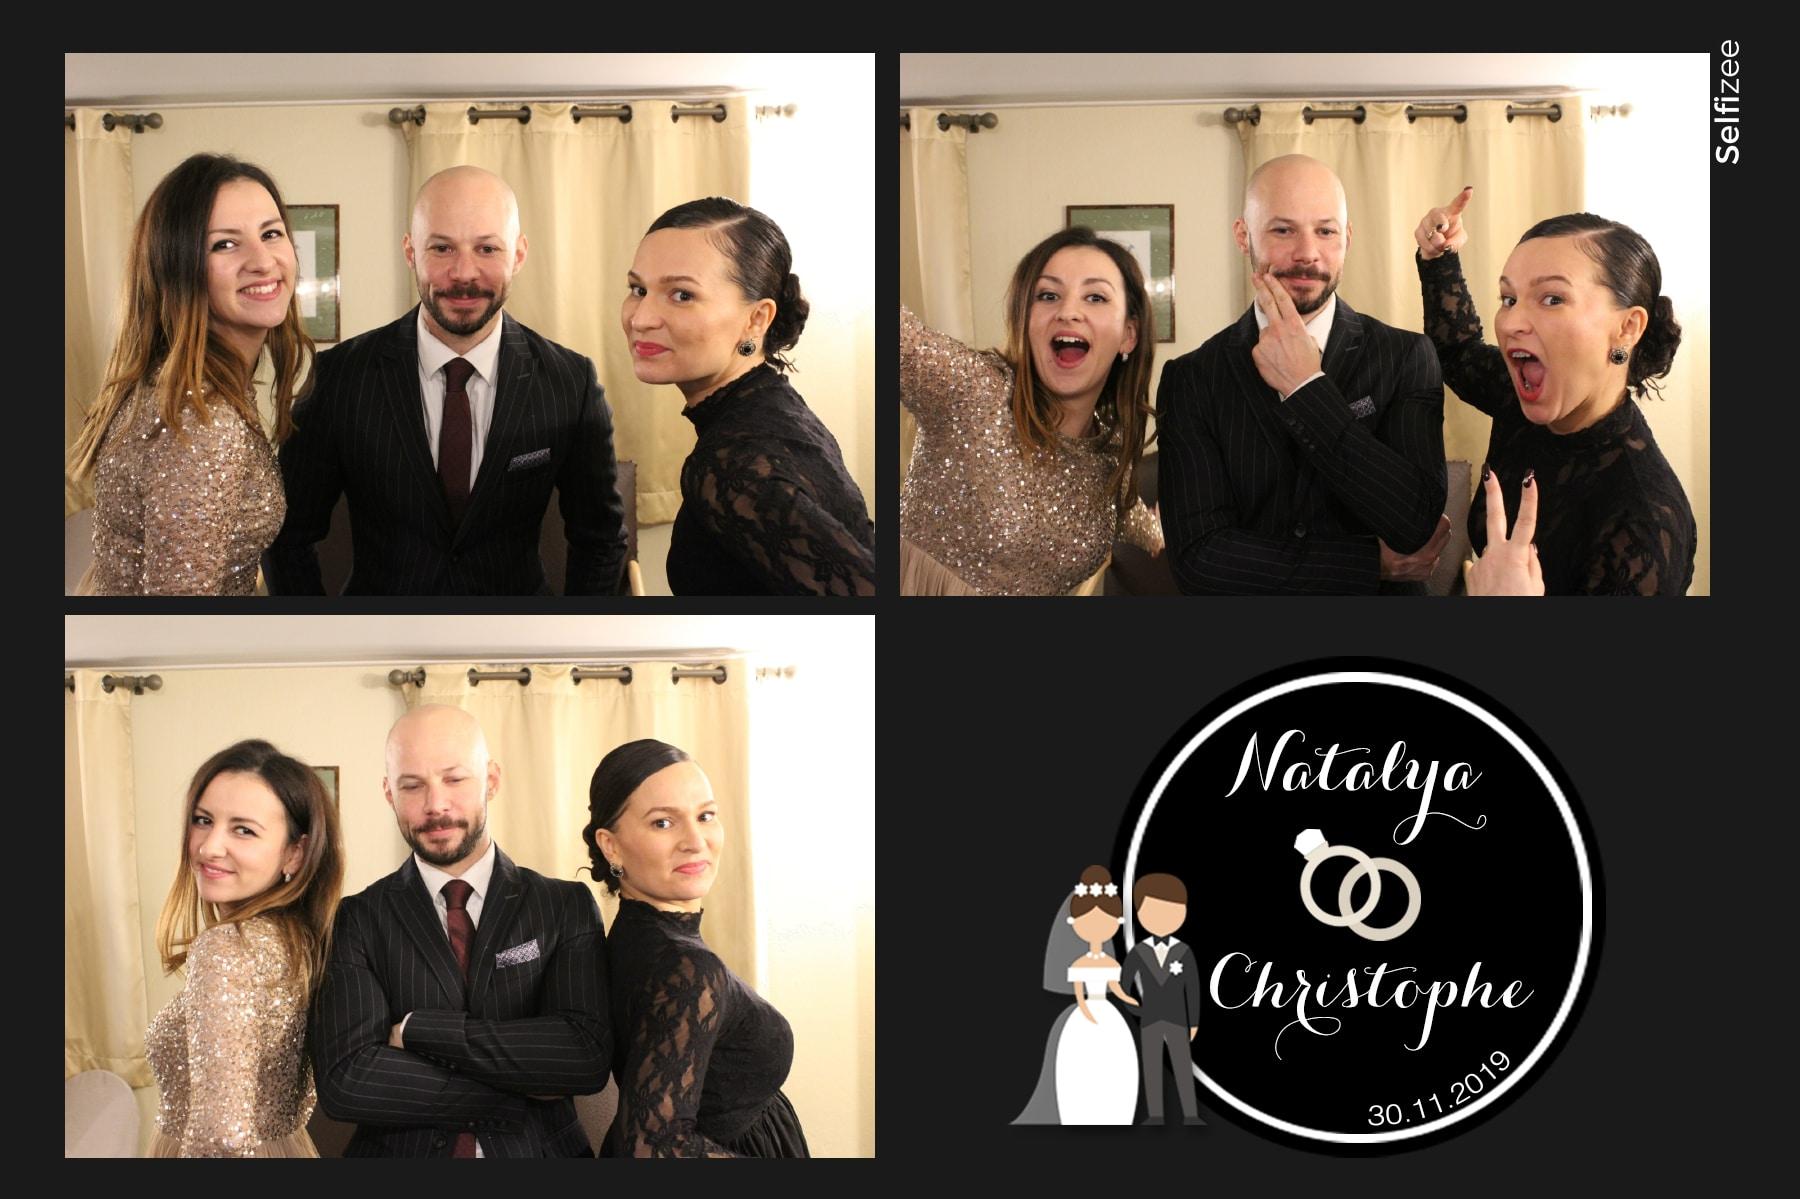 Animation photobooth mariage et selfies personnalisés avec borne photo à louer Dunkerque / Nord pour animation mariage, anniversaire, fête, baptême avec impressions photos